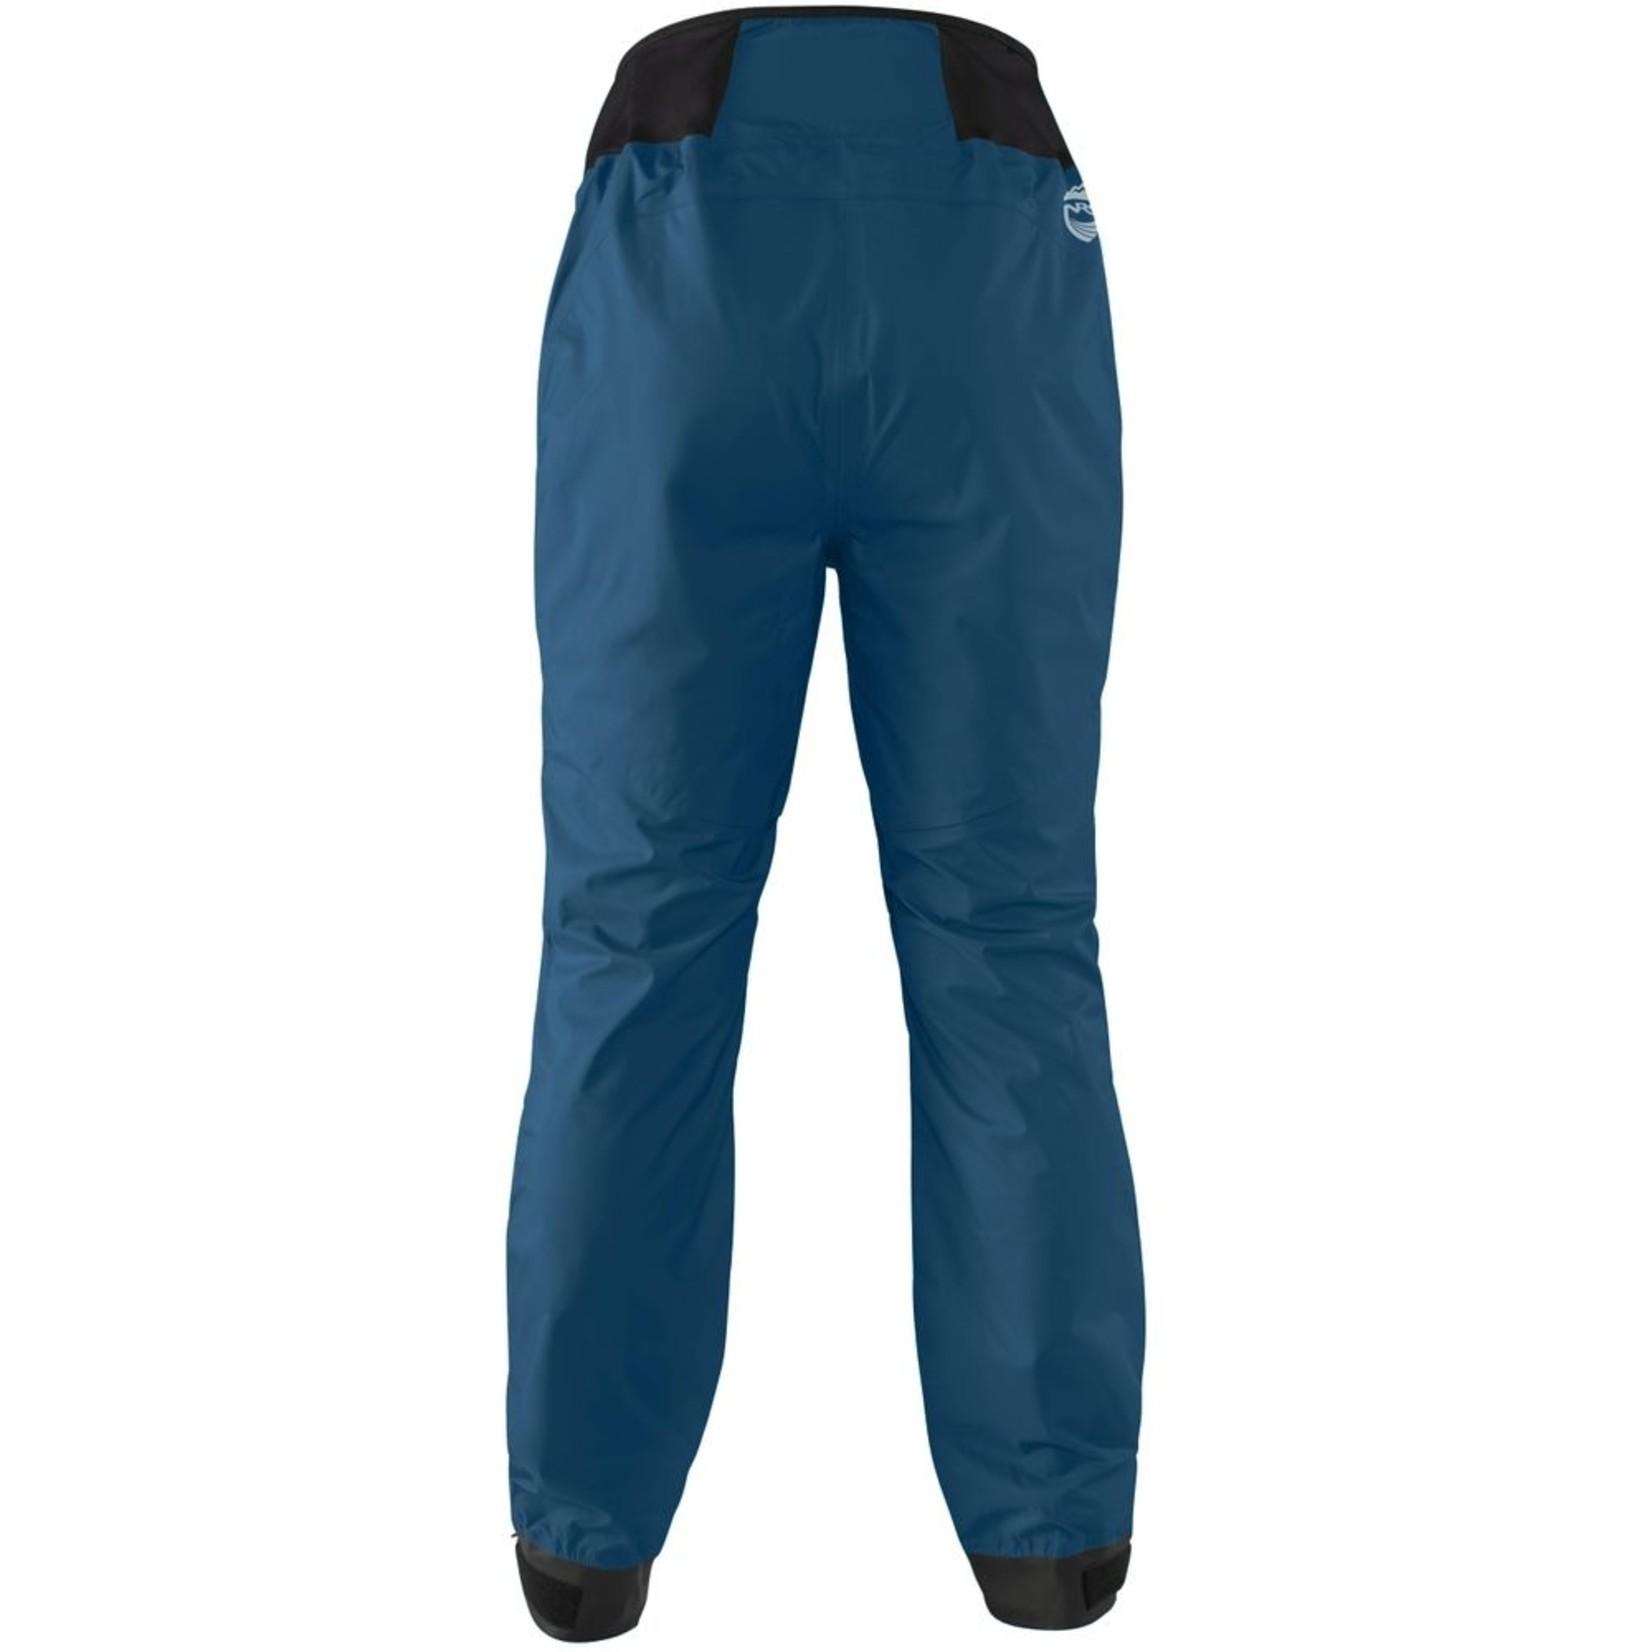 NRS NRS Men's Endurance Splash Pant